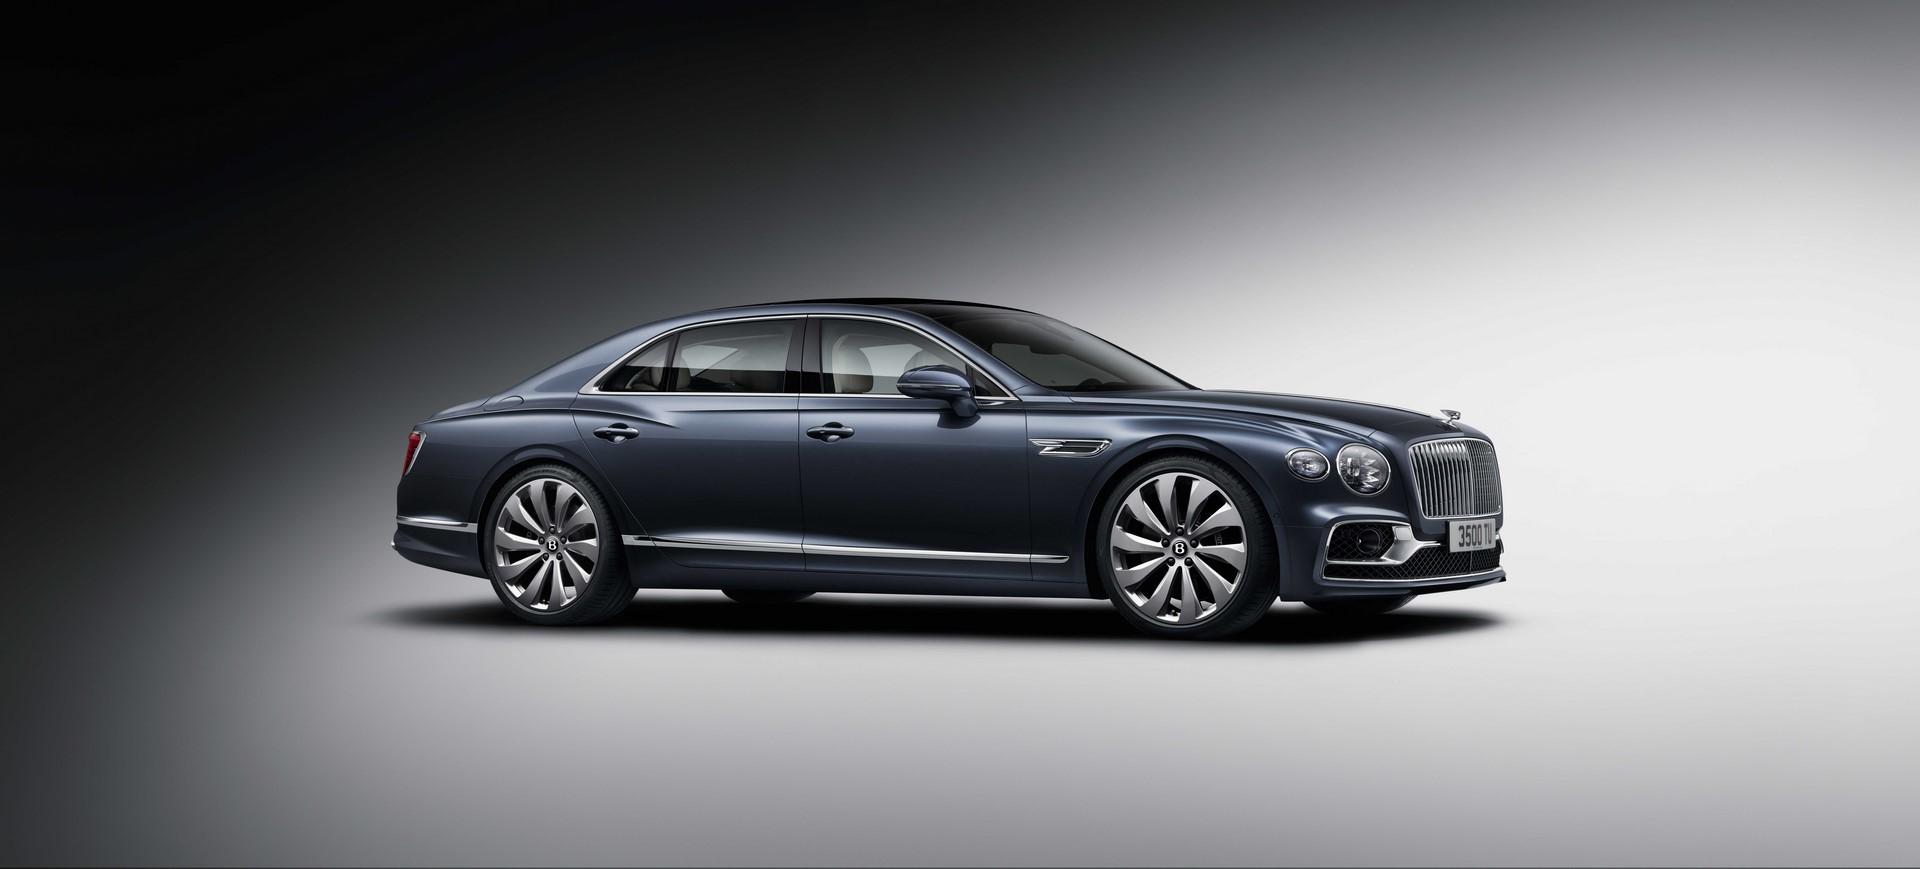 New-Bentley-Flying-Spur-2